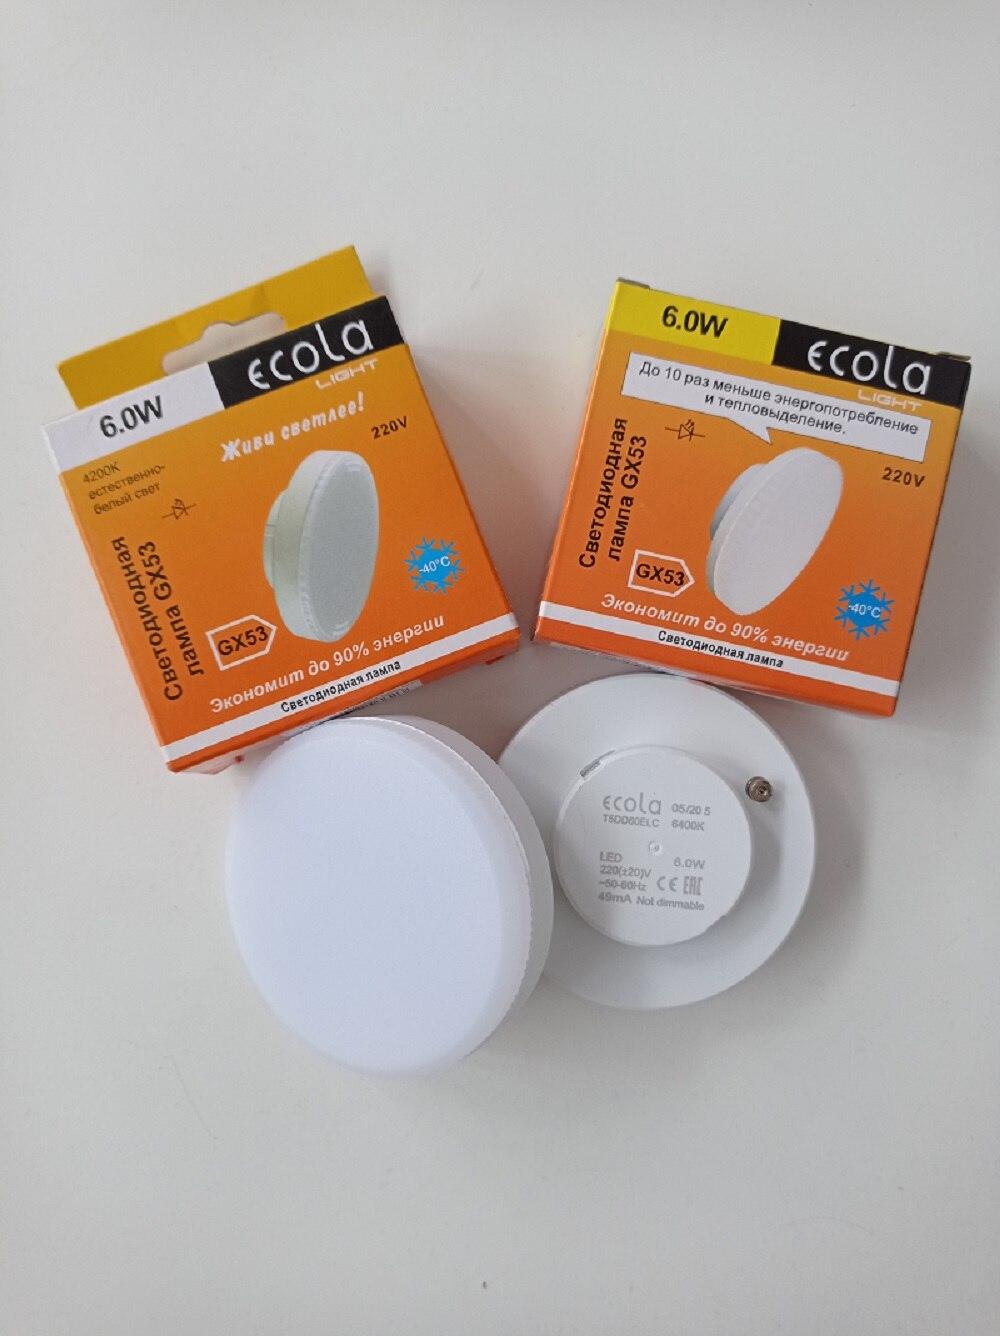 Светодиодная лампа ECOLA T5DV60ELC GX53 6,0W 4200K 27x75 матовая T5DW60ELC T5DD60ELC